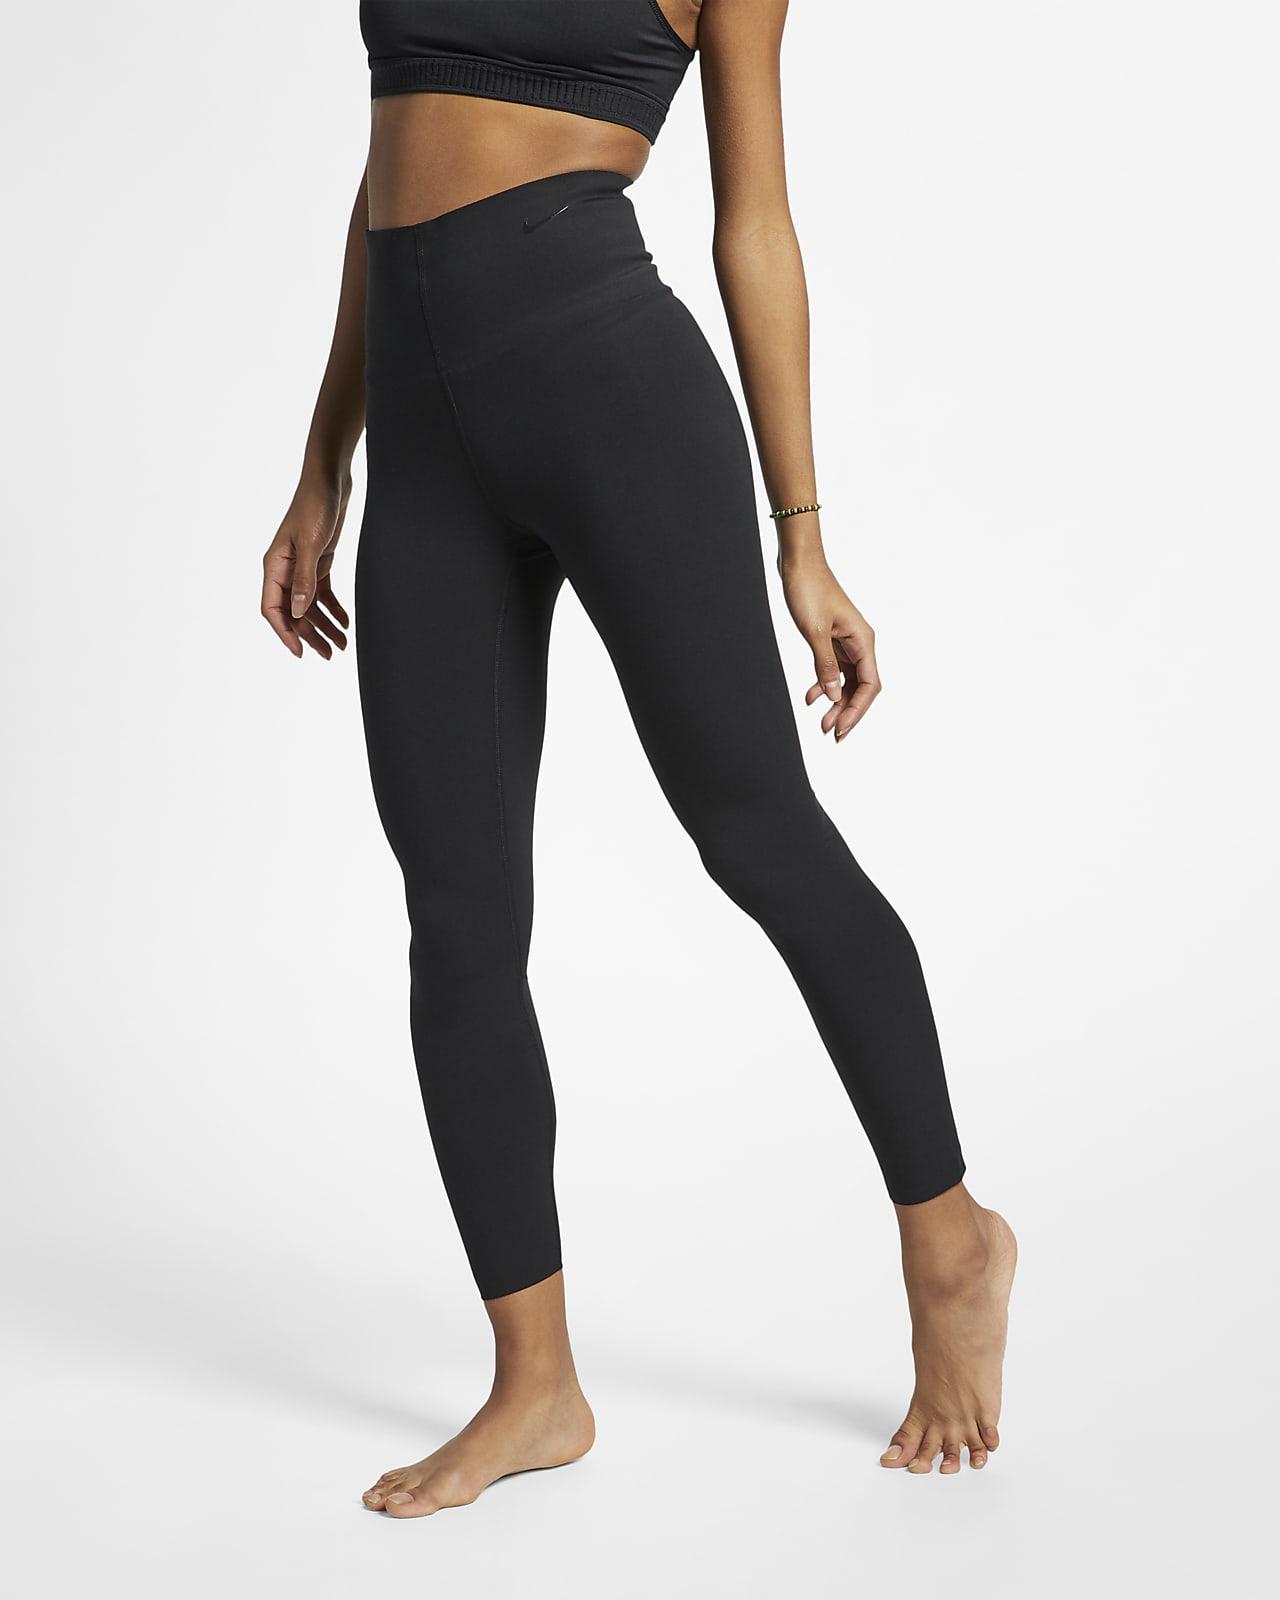 Nike Sculpt Luxe Women's 7/8 Leggings